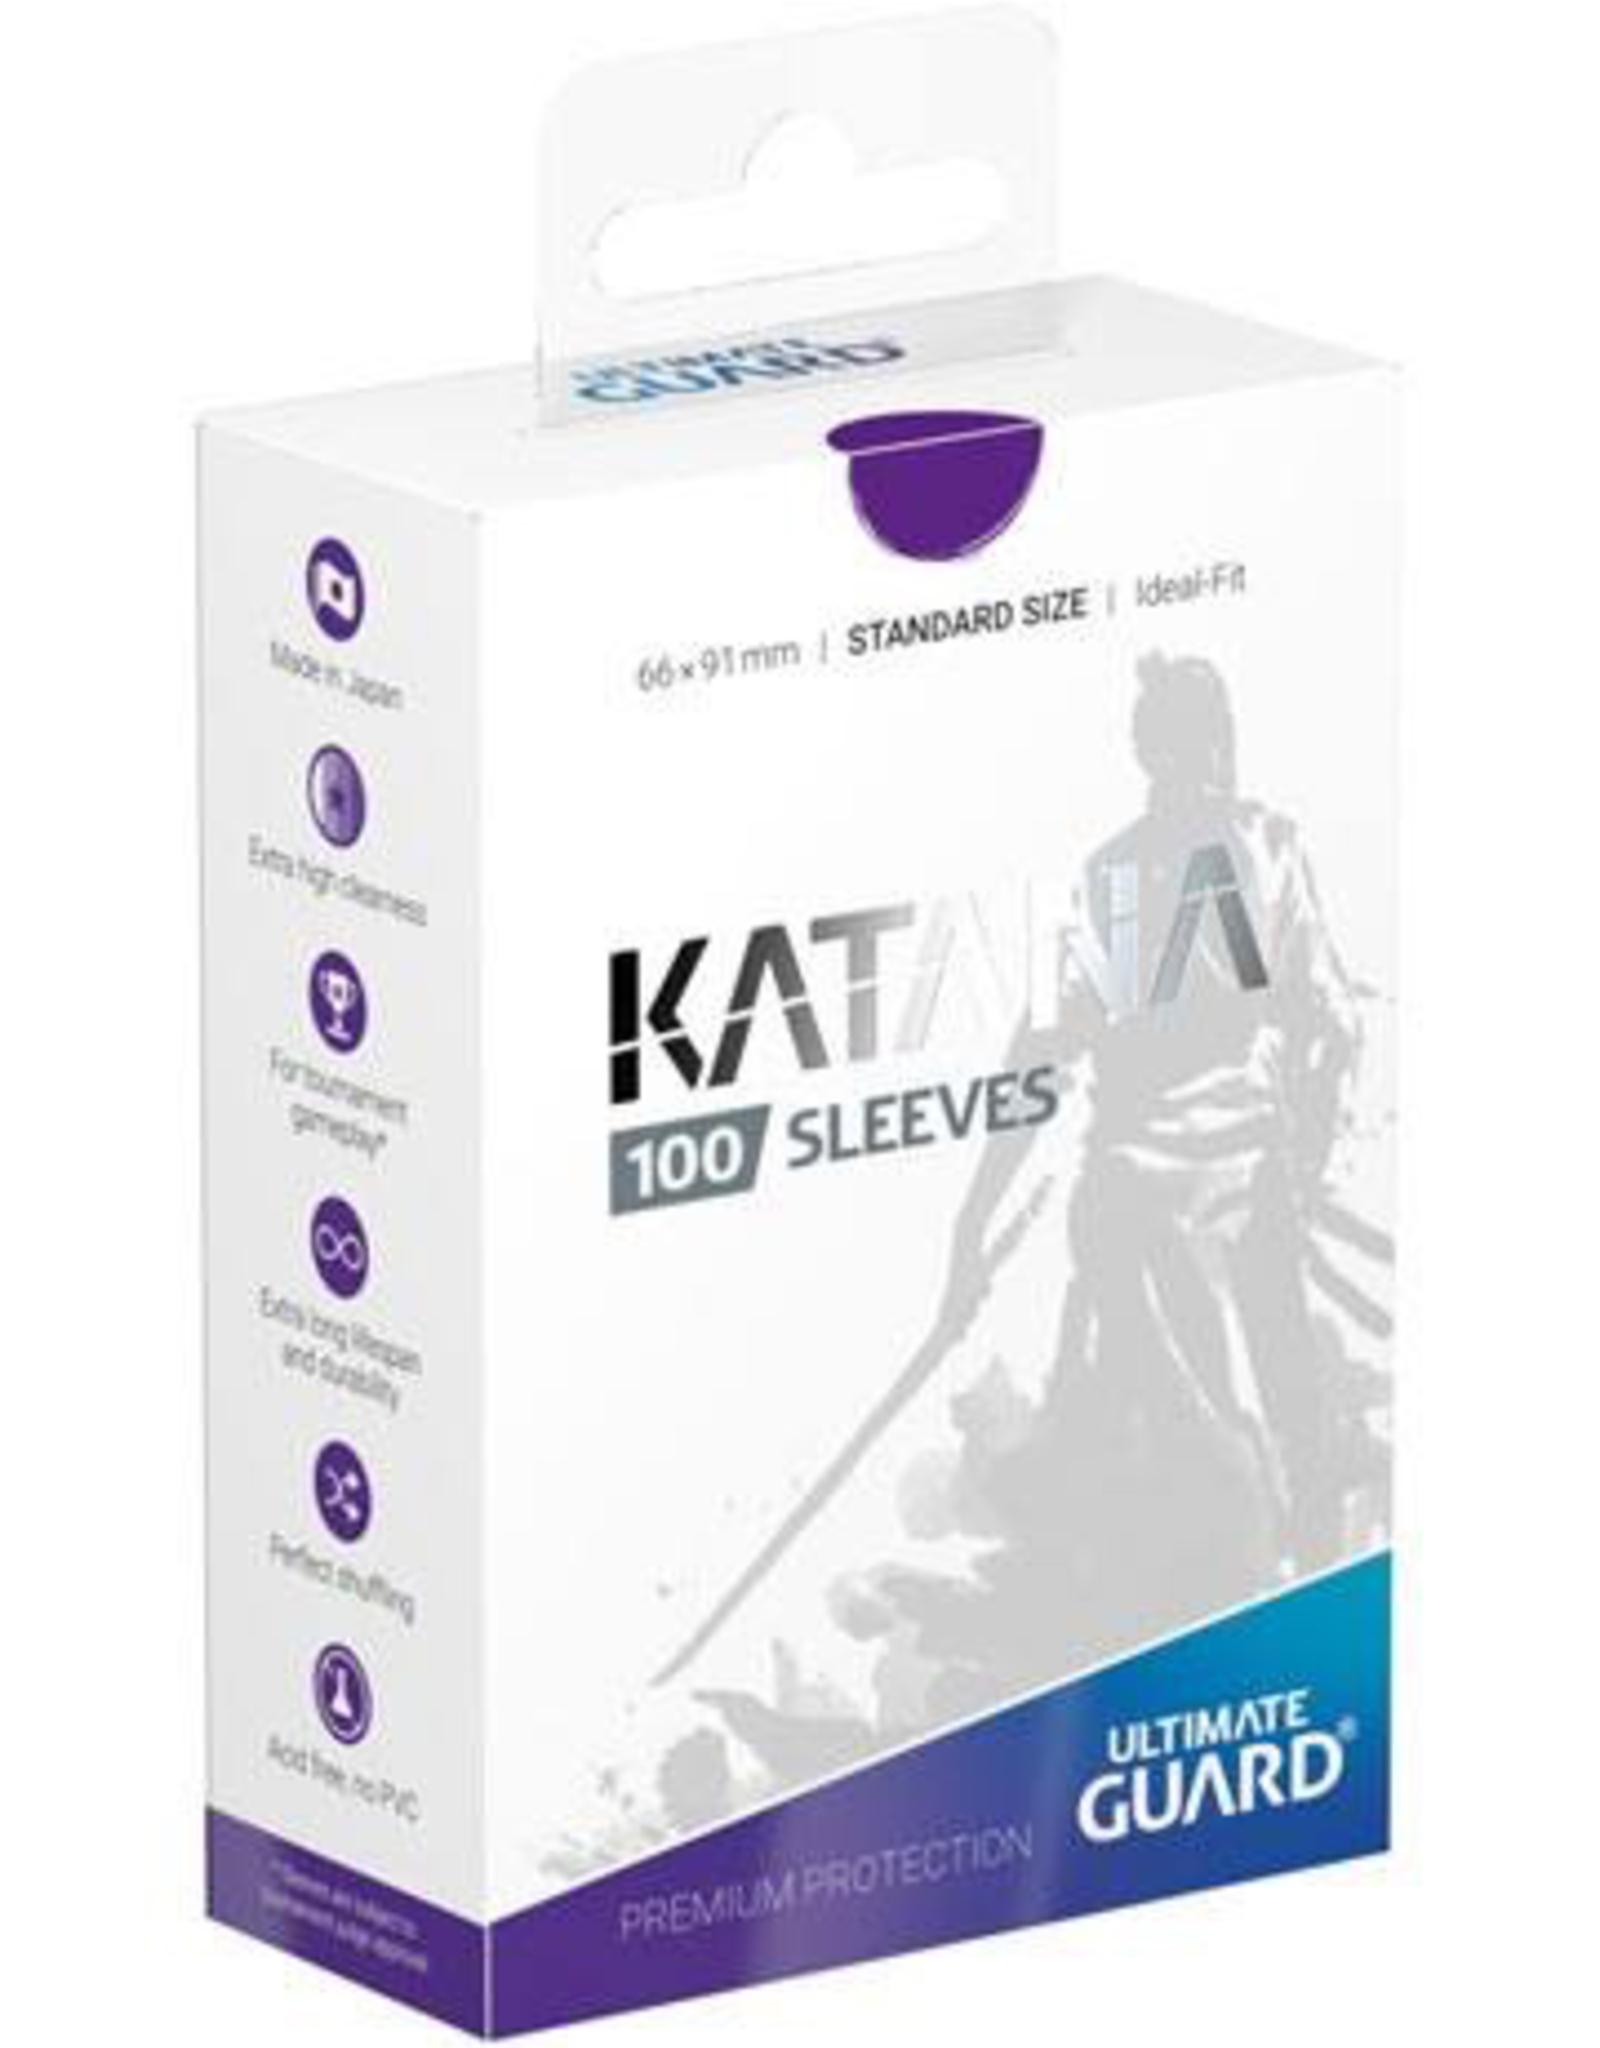 UG - Standard Sleeves Ultimate Guard Katana Sleeves Standardgröße Violett (100)